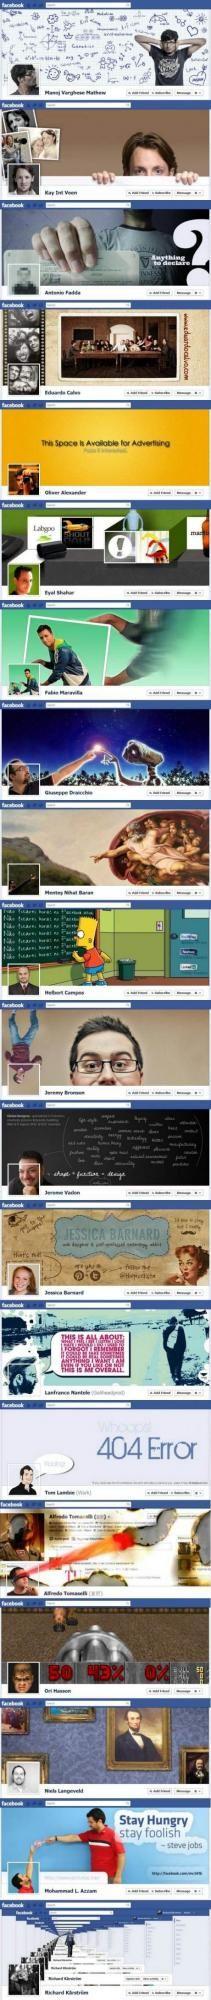 Facebook Timeline Inspirations